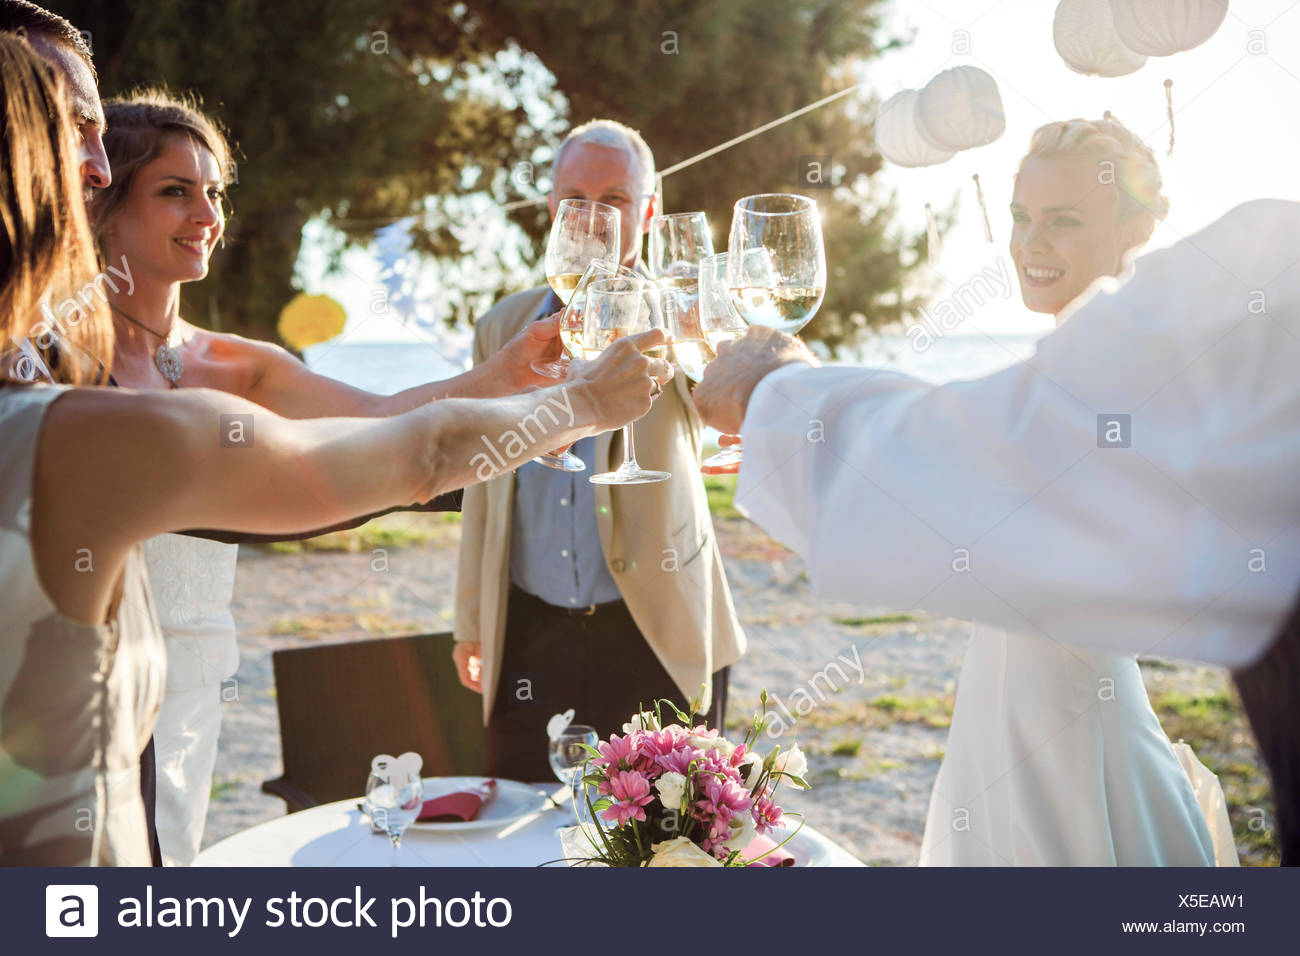 Trinken Champagner Bei Hochzeitsfeier Am Strand Stockfoto Bild